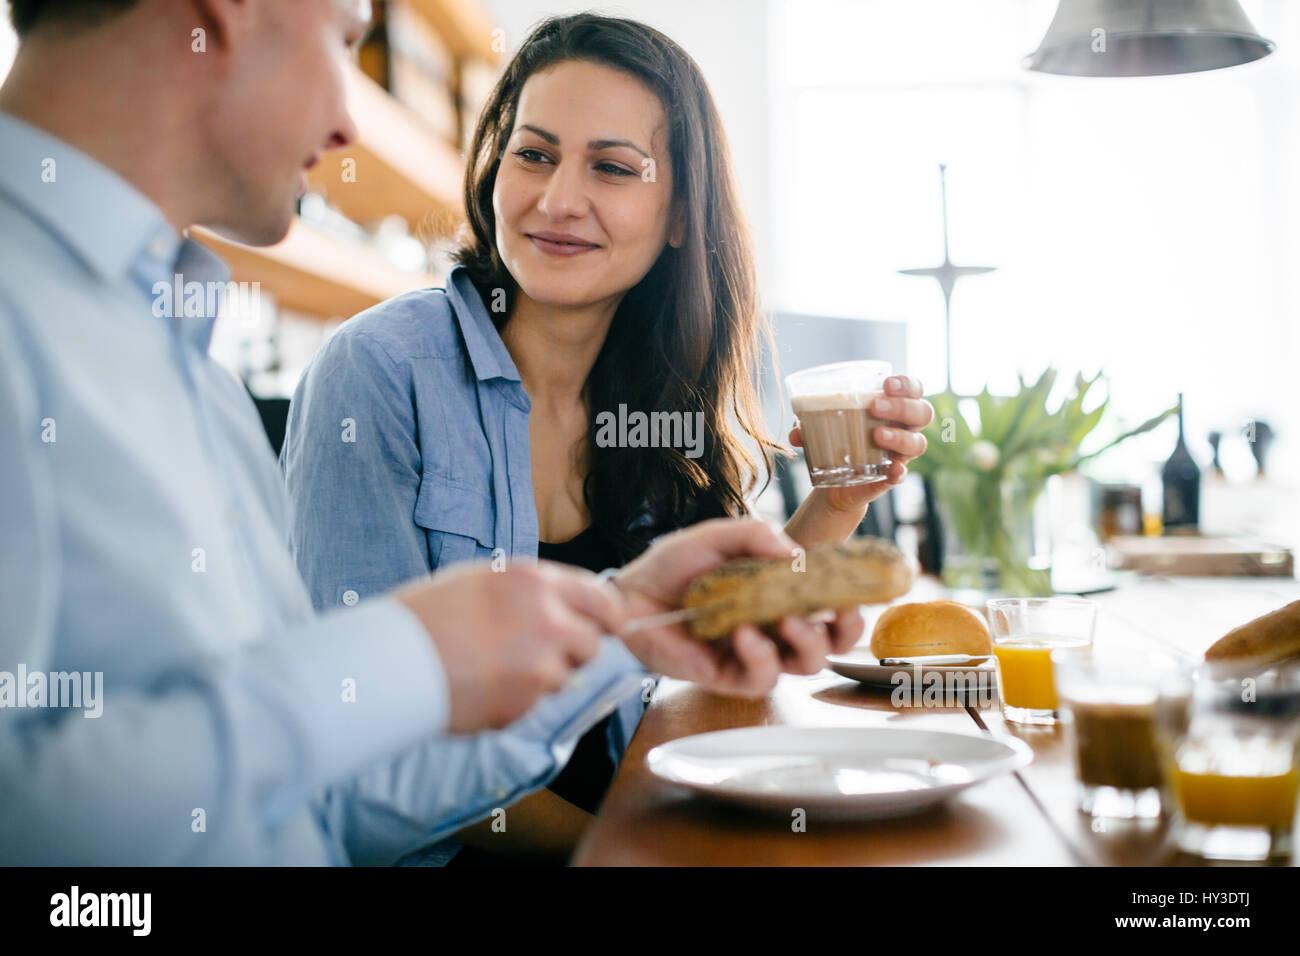 Alemania, pareja desayunando en la mesa Imagen De Stock